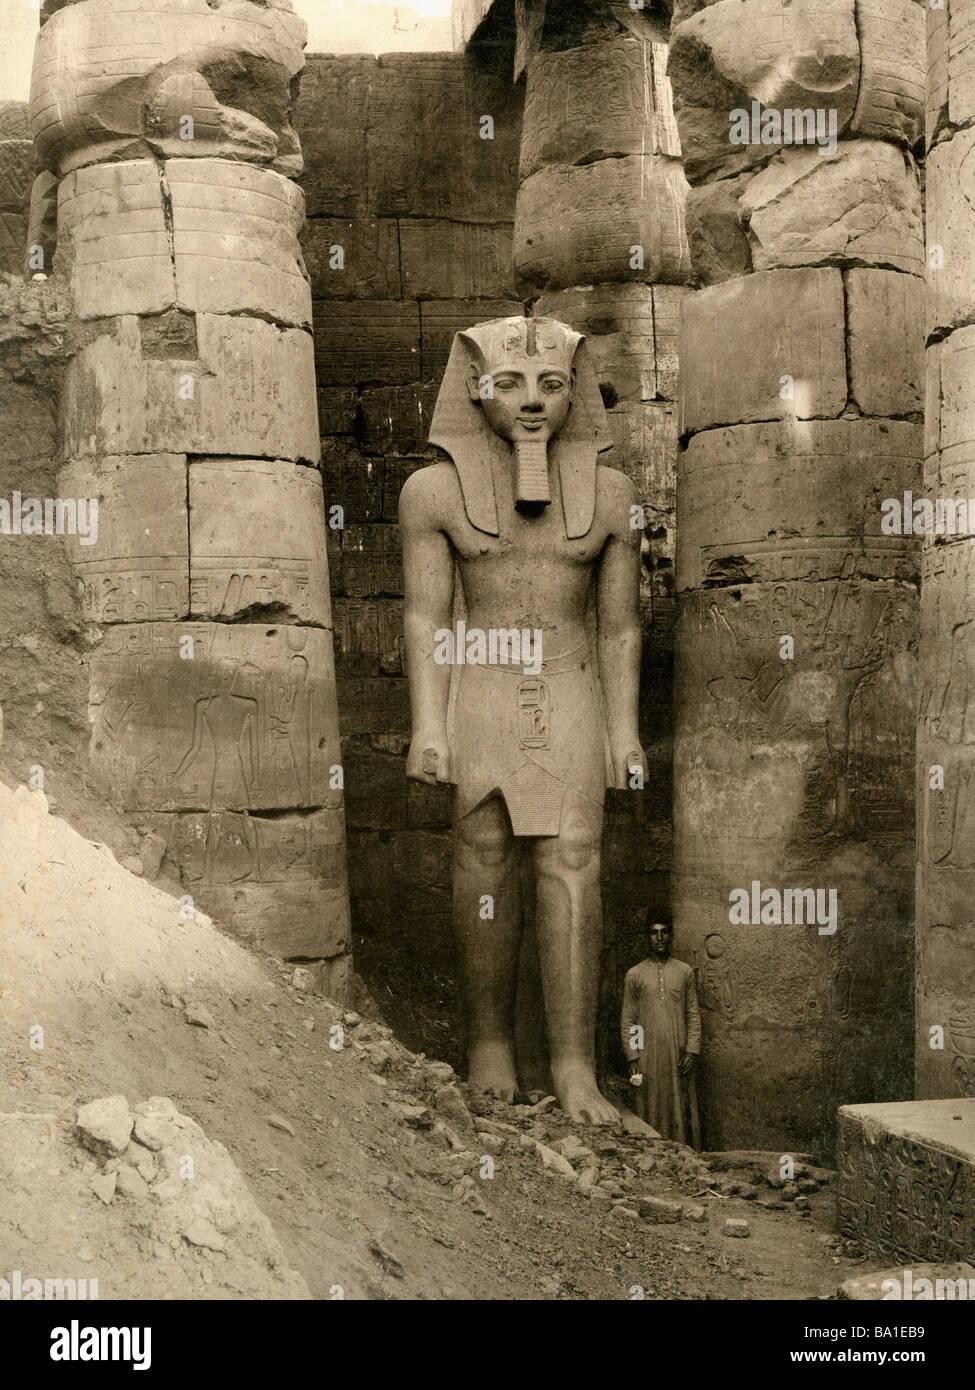 Geografia / viaggi, Egitto, Tebe East Bank, Karnak e il tempio di Amon-Ra, colossale statua di Re Ramseses II (circa Immagini Stock